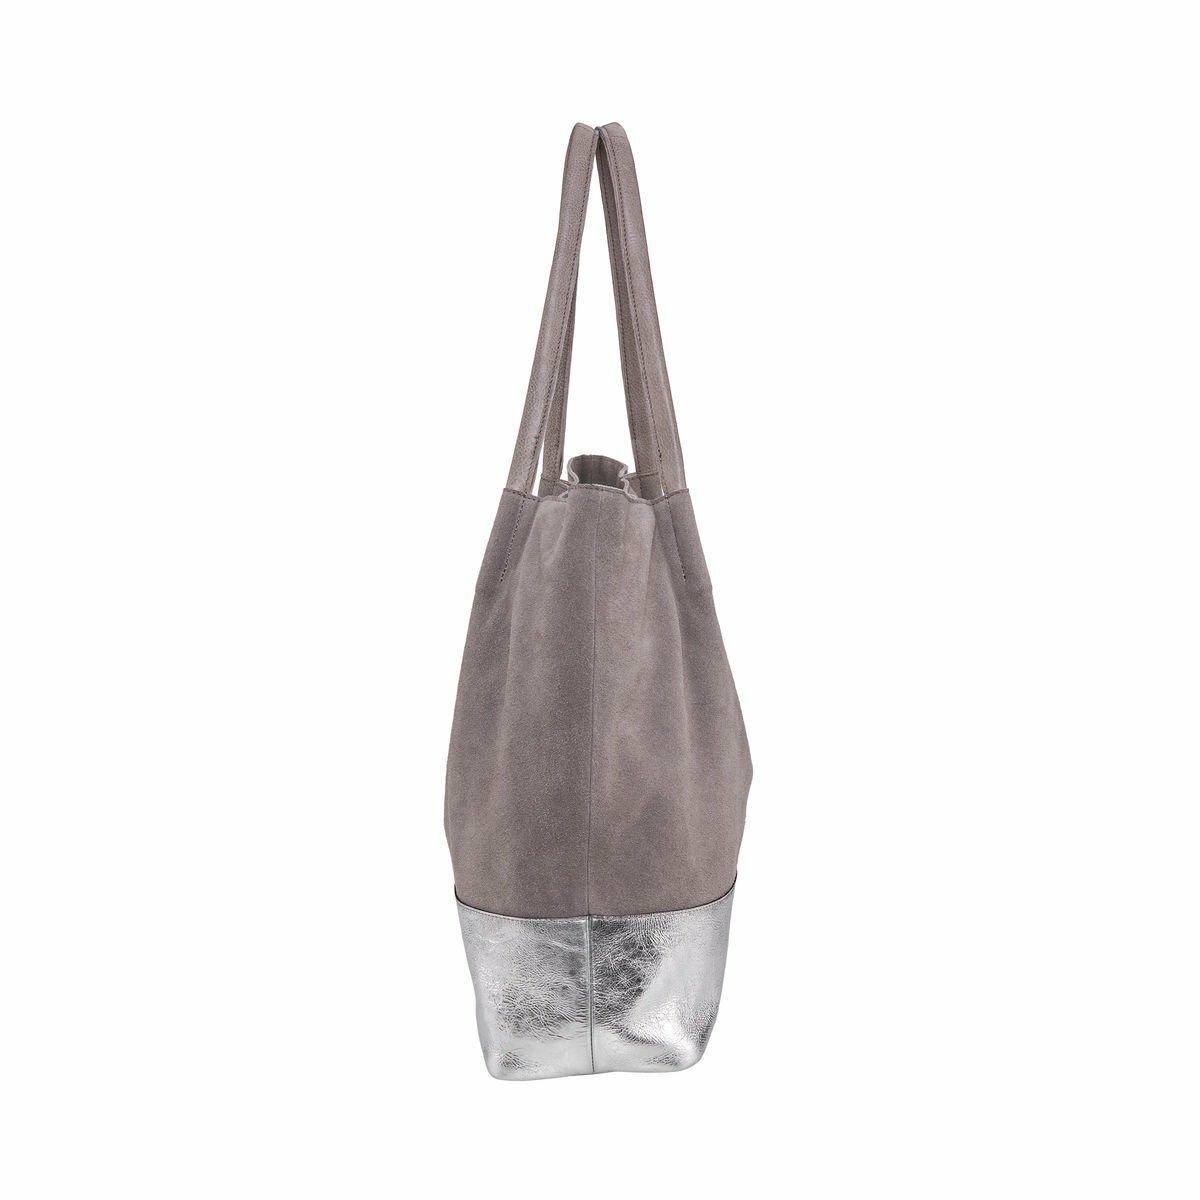 Bild 3 von Echtleder Shopper grau-silber